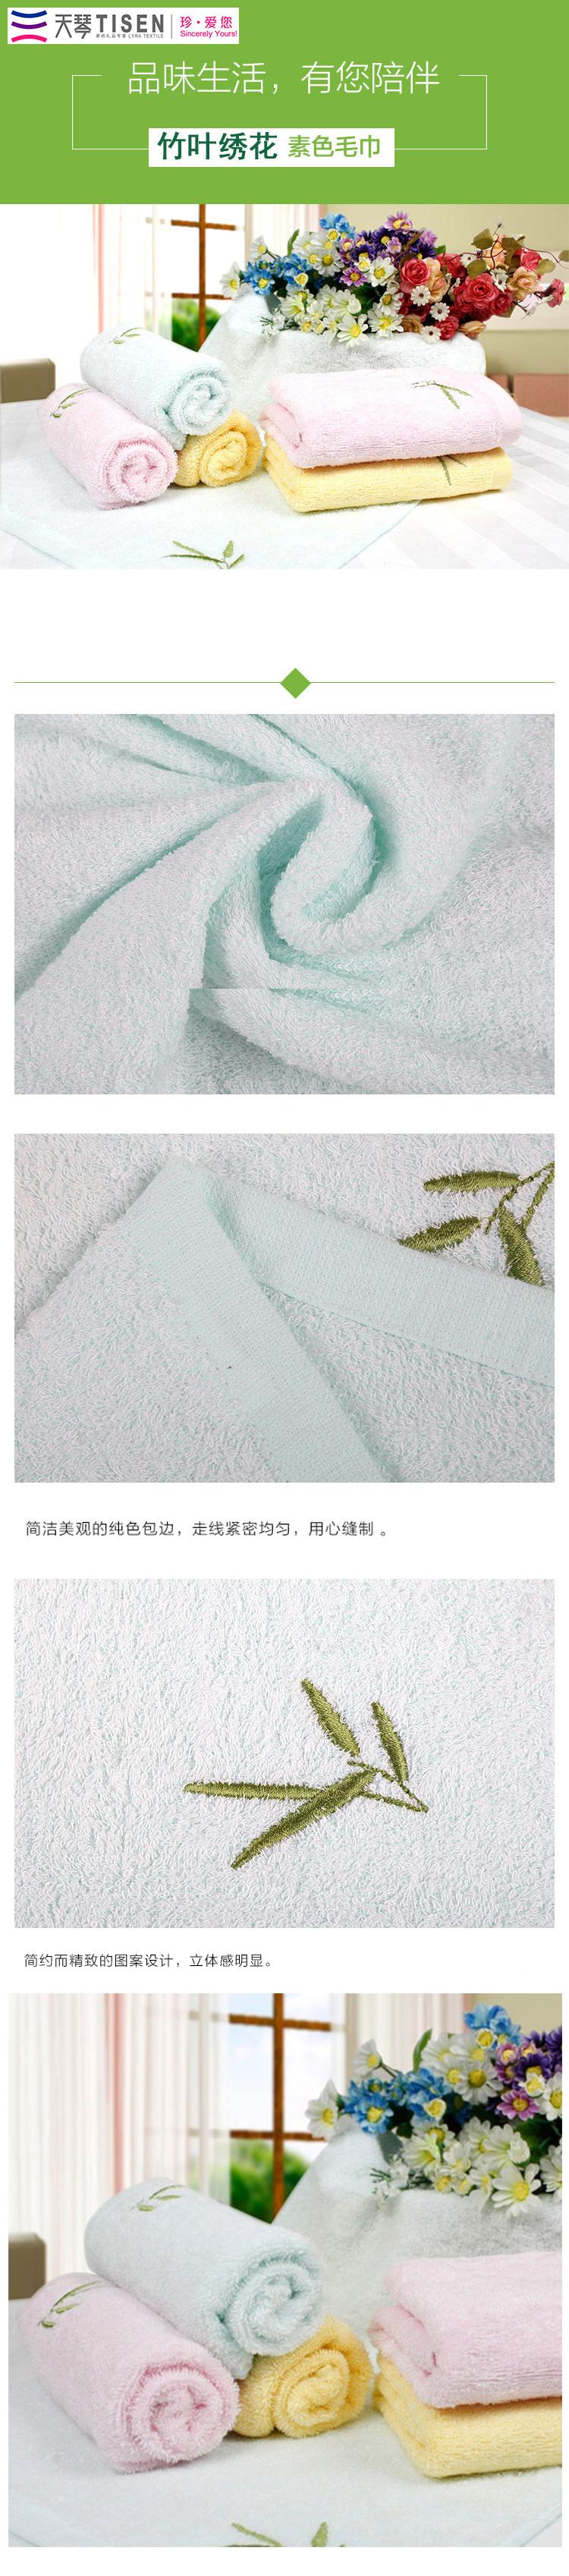 色情a牅f��a�y�a_天琴天然竹纤维素色浴品套装浴巾方巾毛巾